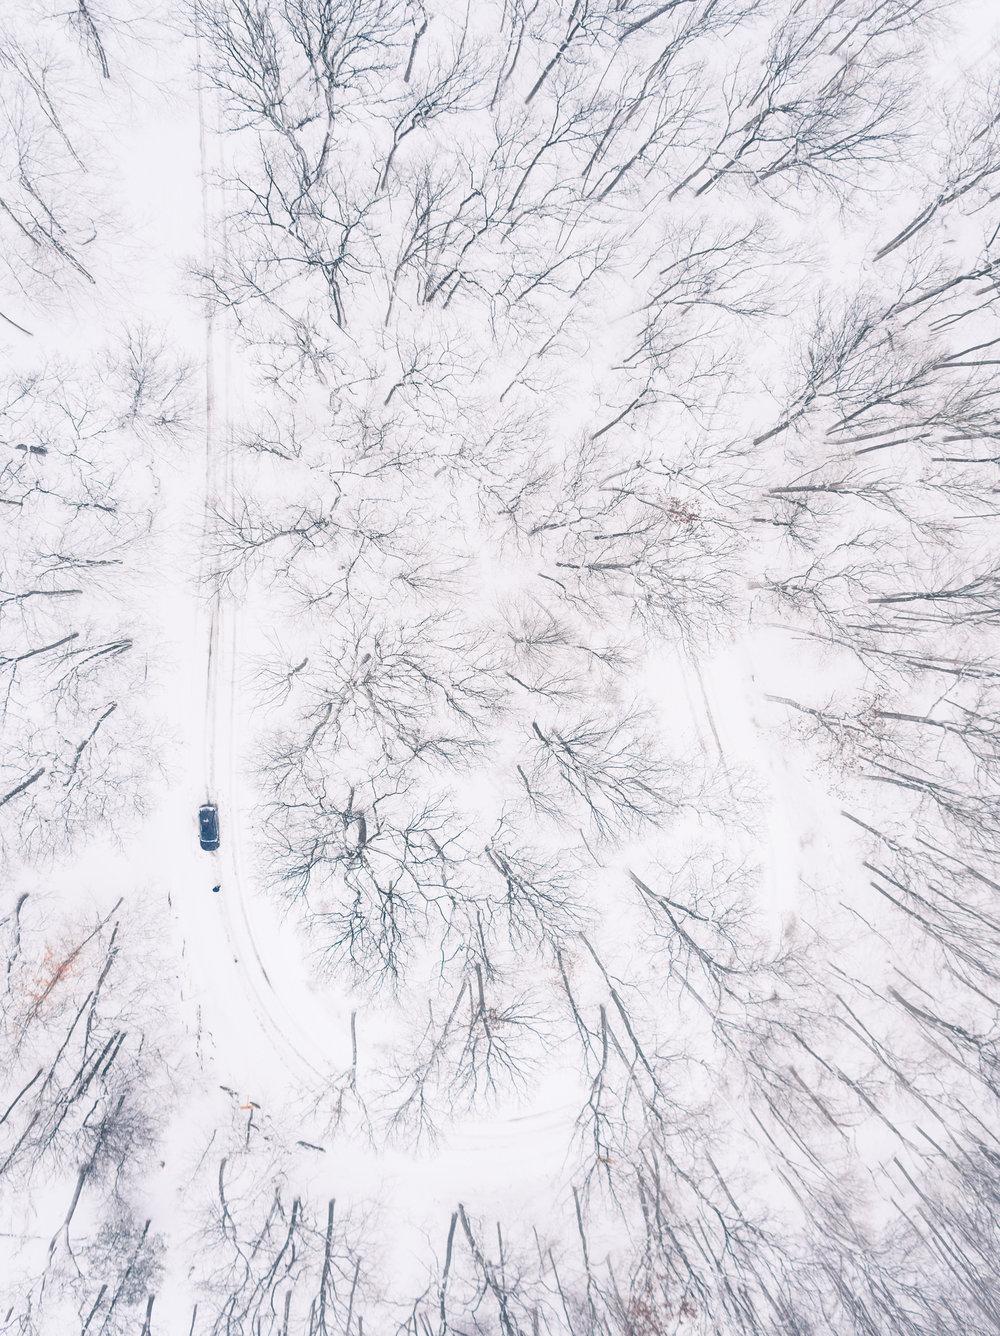 snowyroad_typoland_aerial.jpg